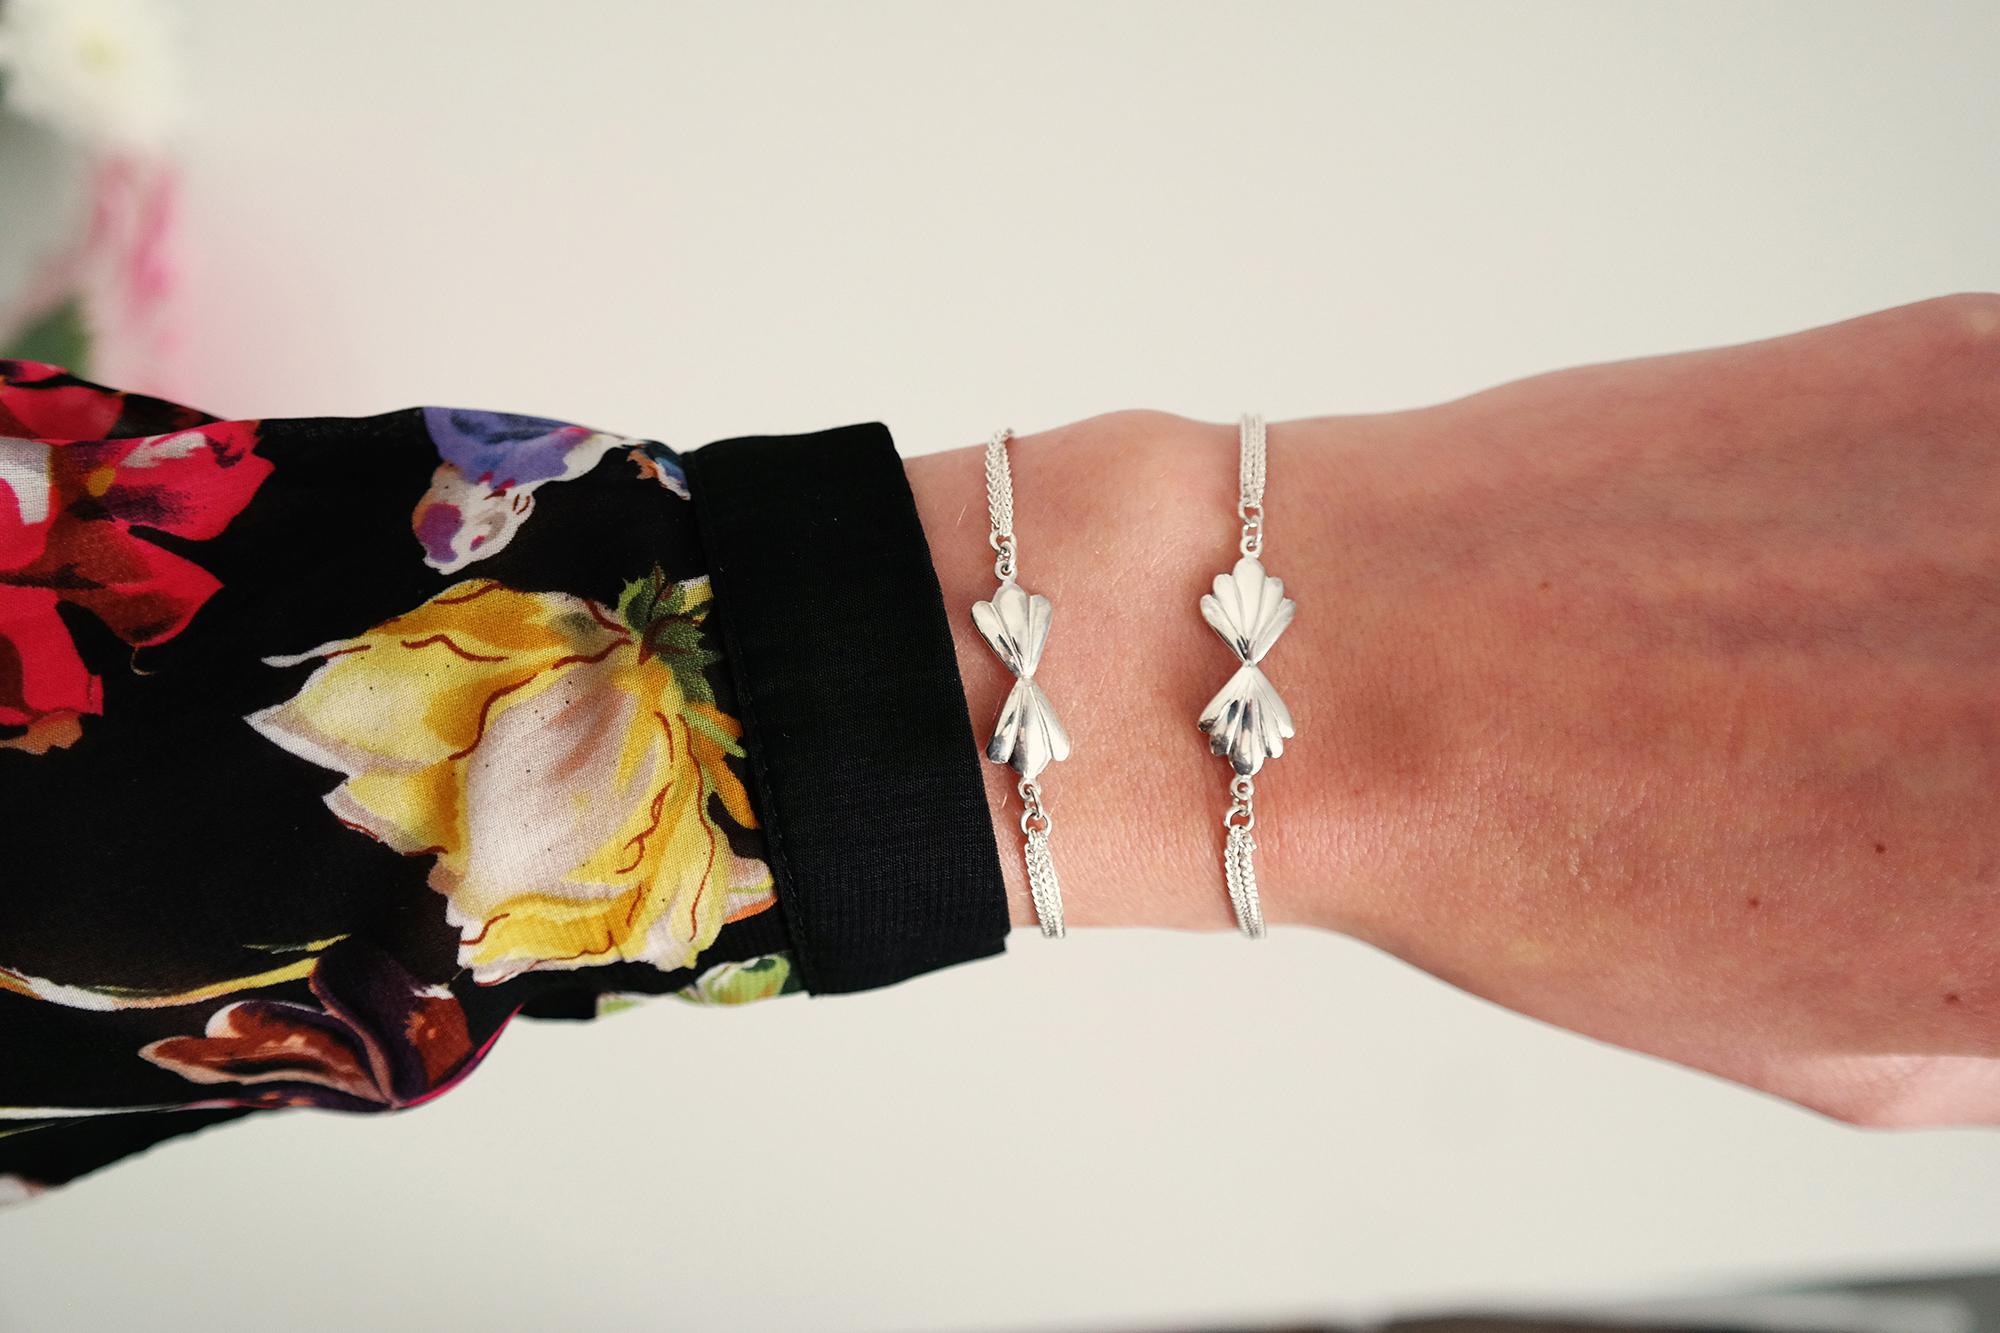 Flower bracelets wrist.jpg